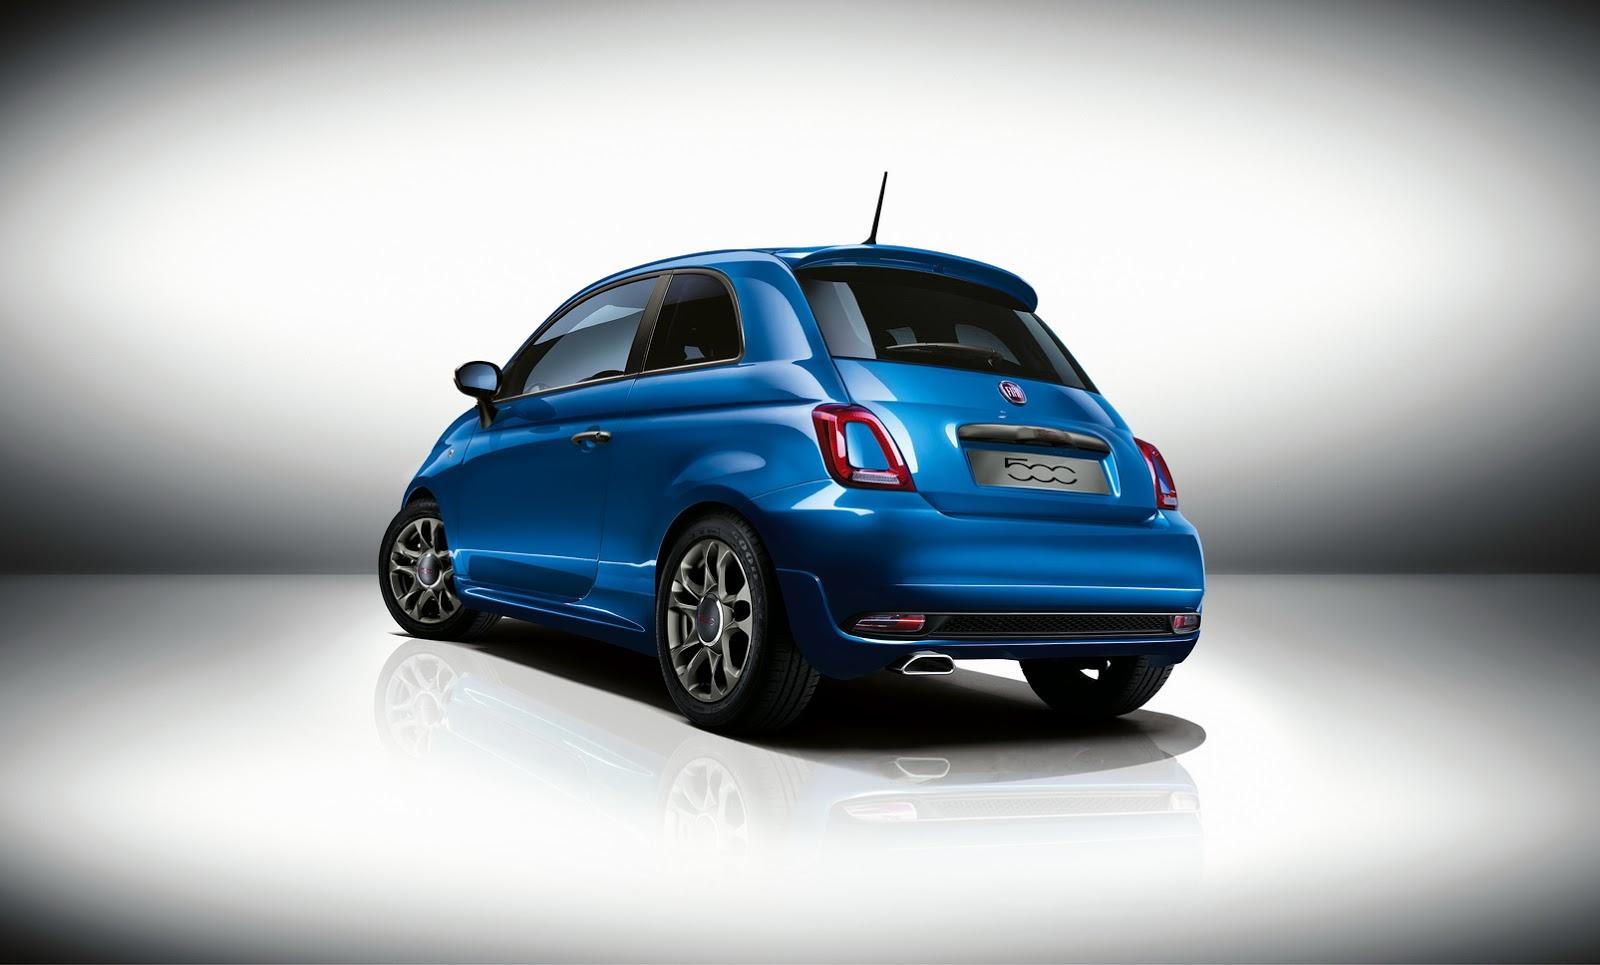 Nuova-Fiat-500s-2016-3